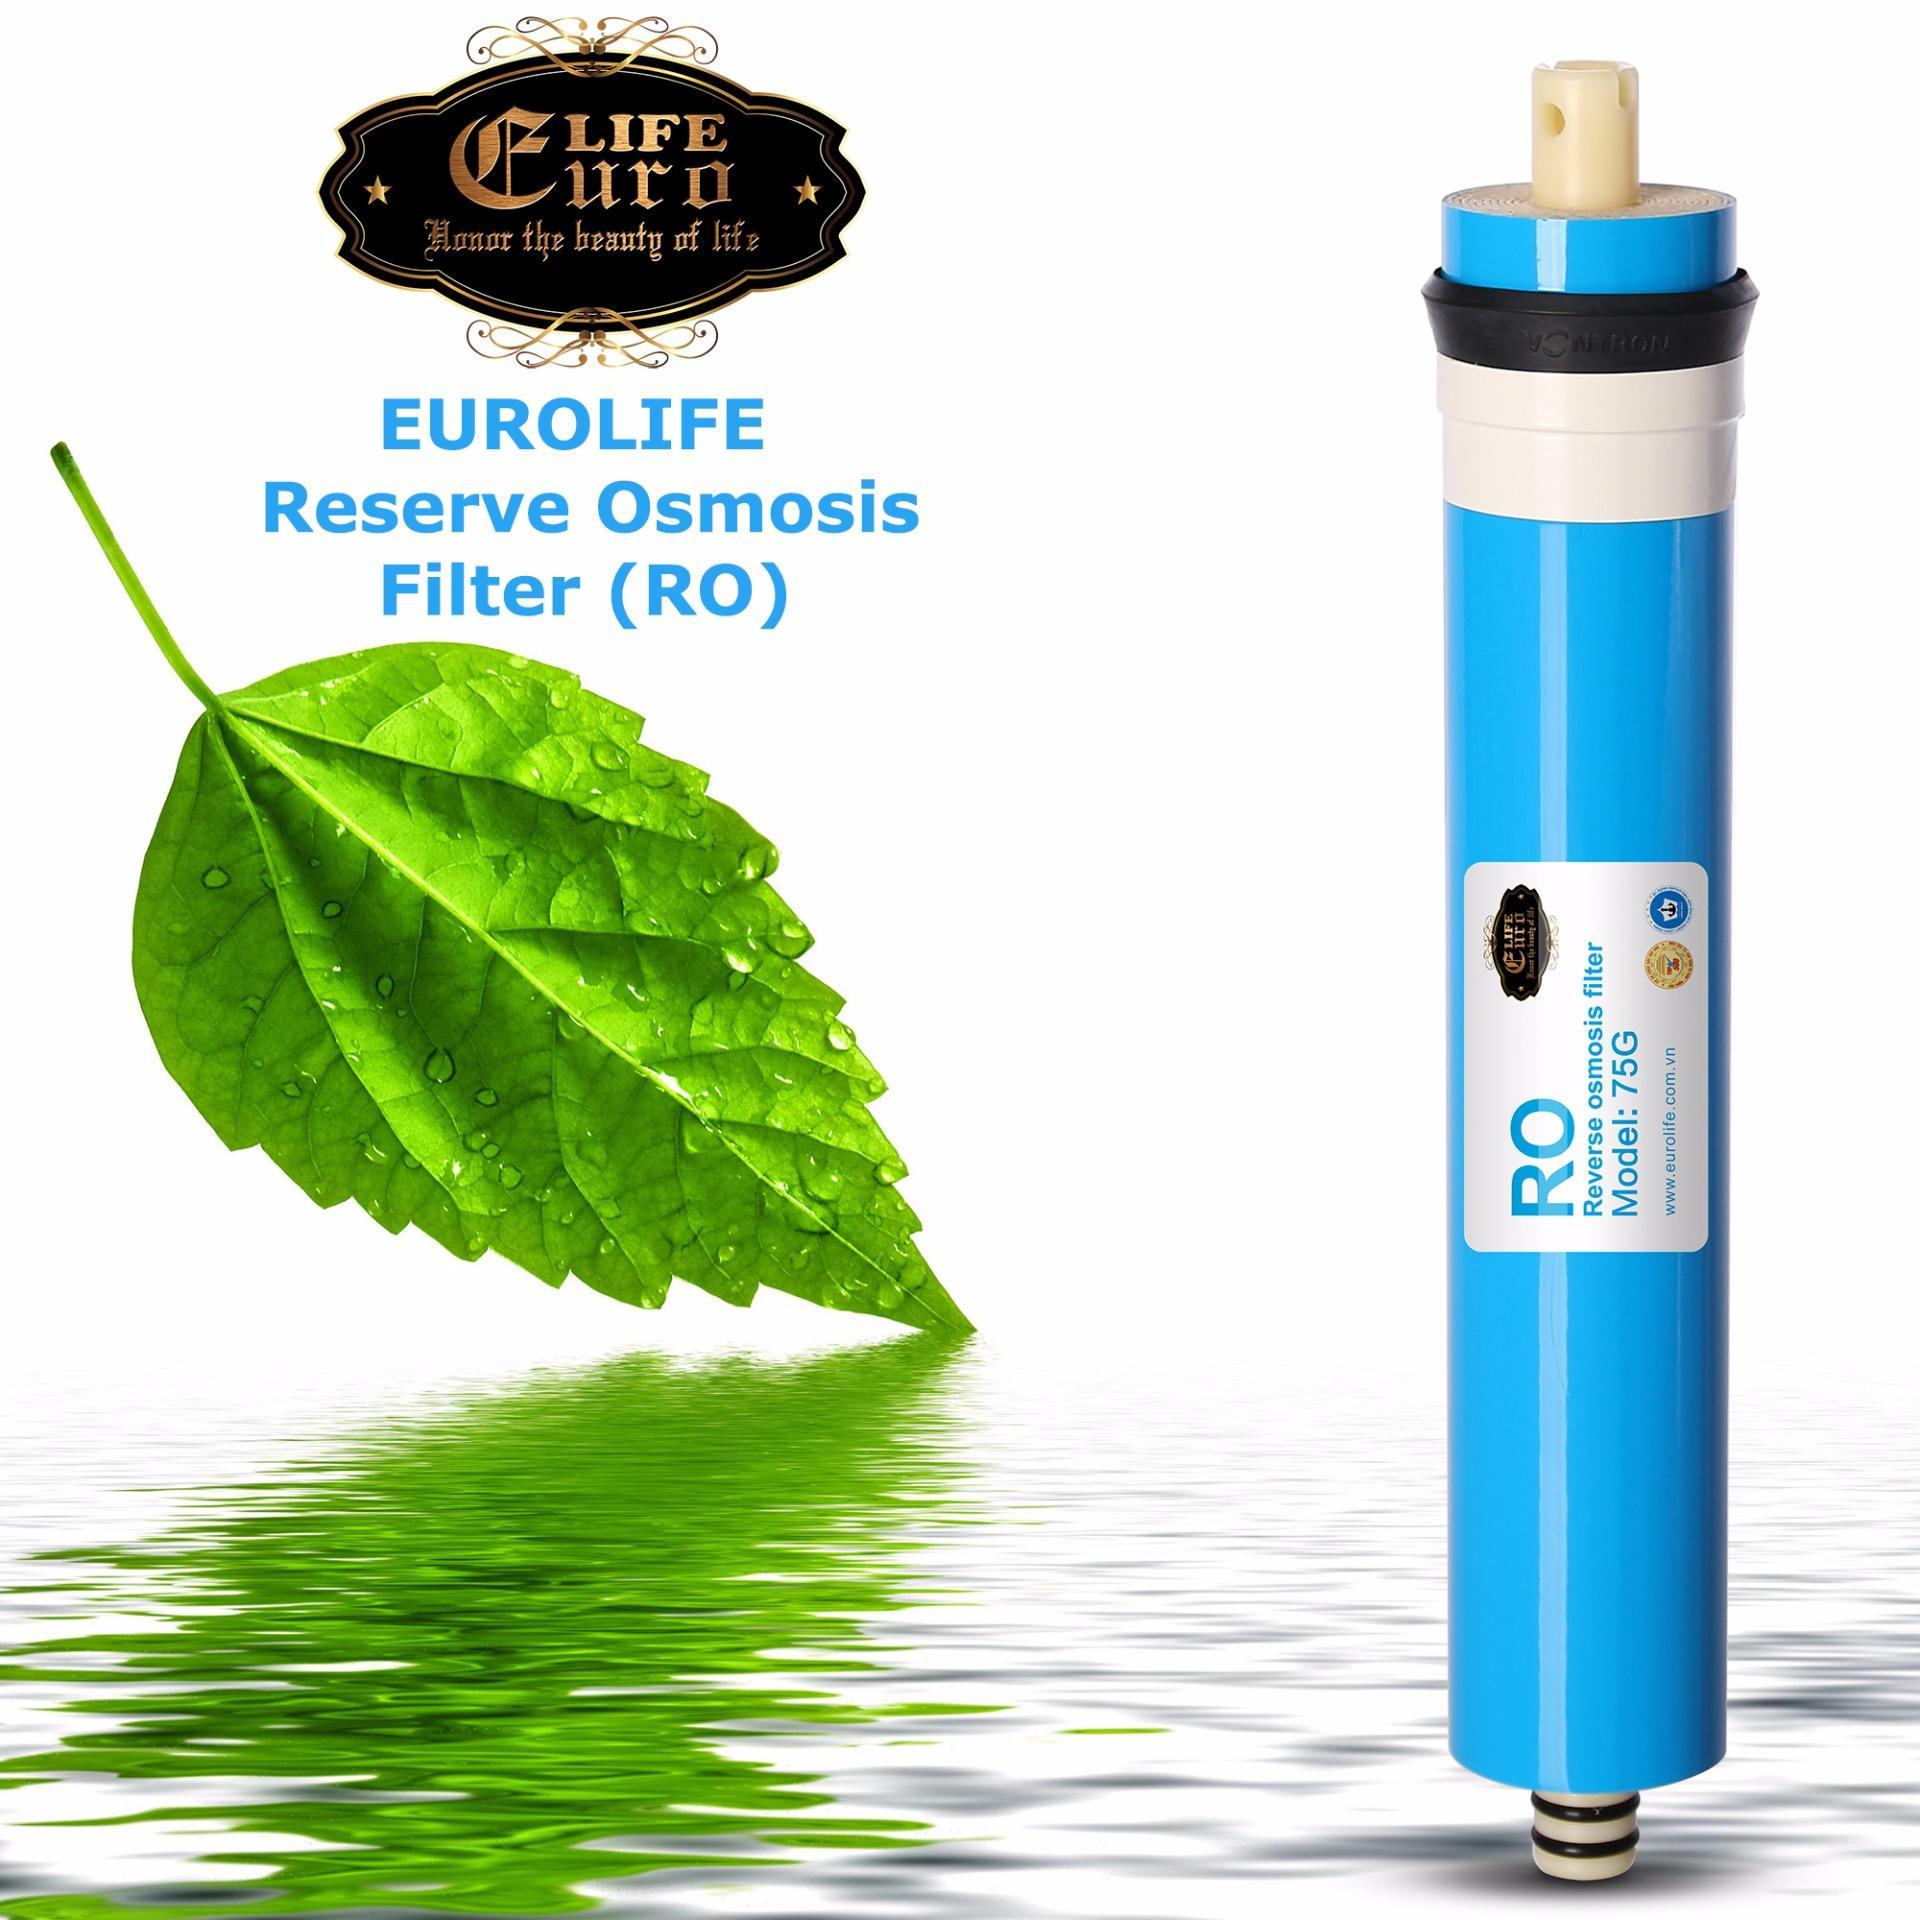 Lõi lọc RO dùng cho máy lọc RO Eurolife ( Reverse Osmosis filter)